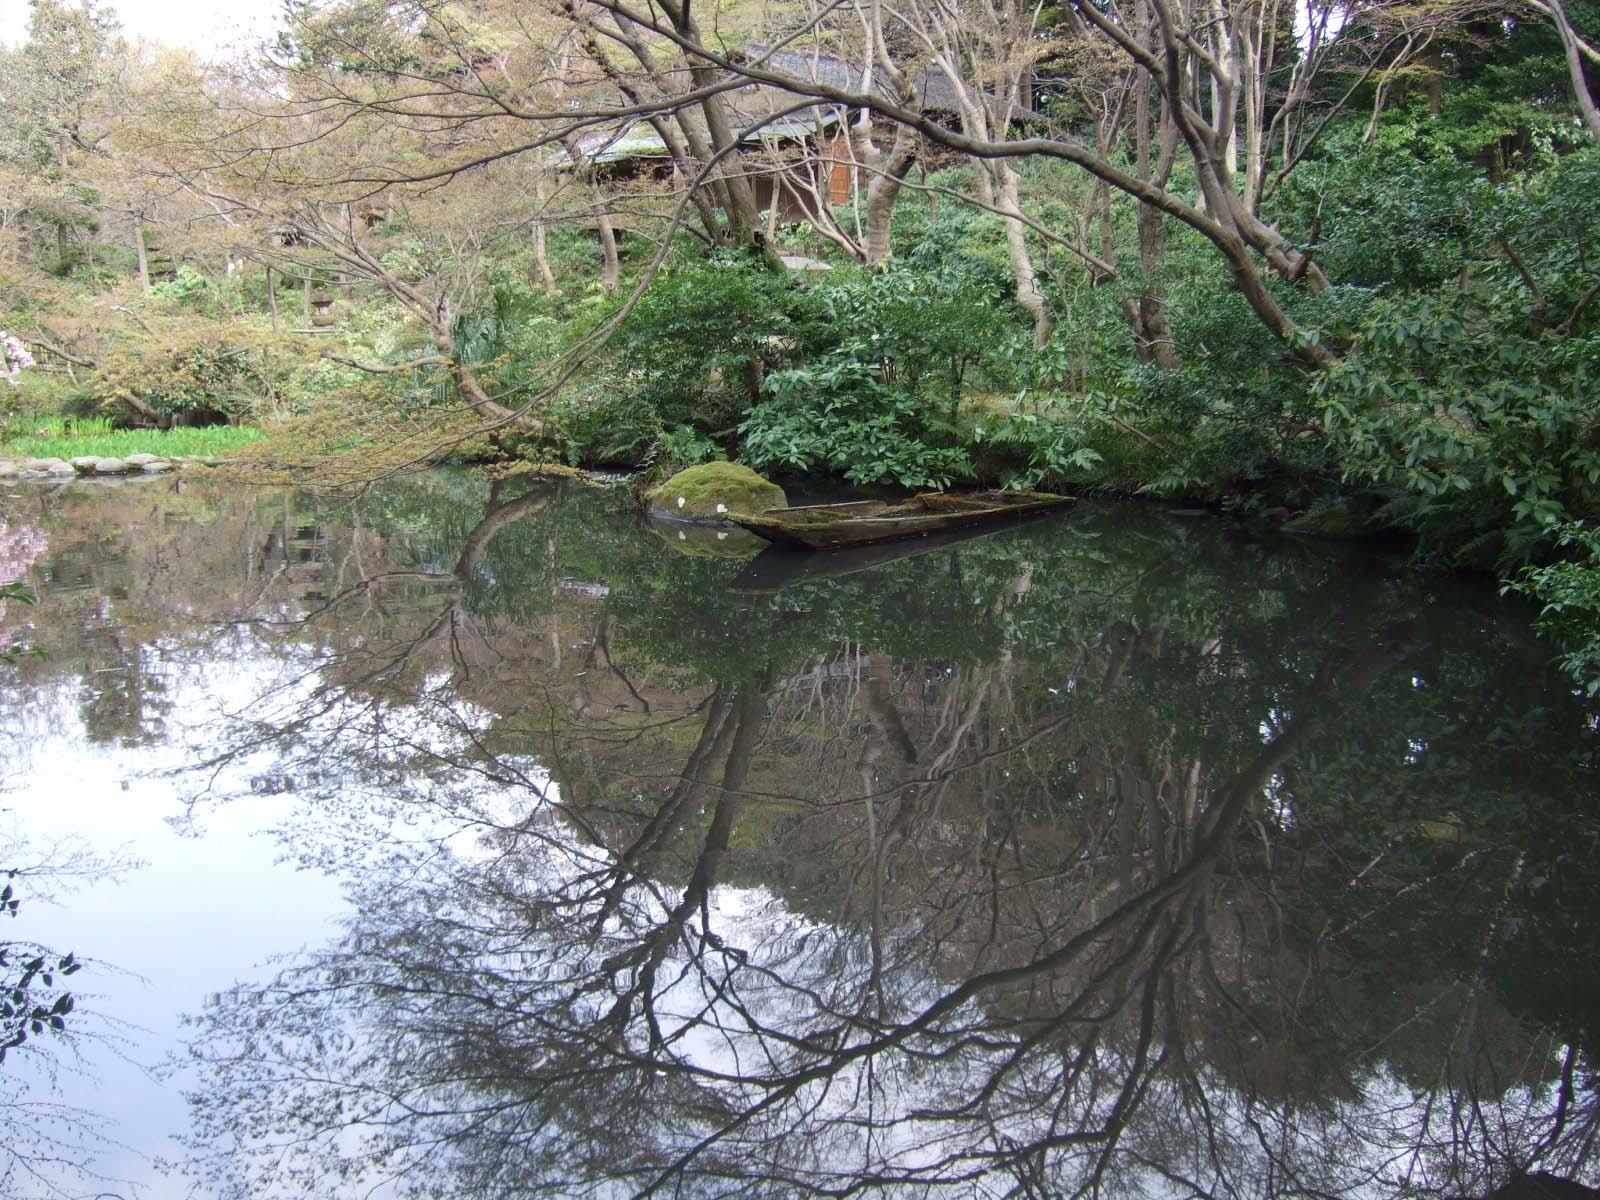 庭園,池,樹木,船,根津美術館,東京〈著作権フリー無料画像〉Free Stock Photos